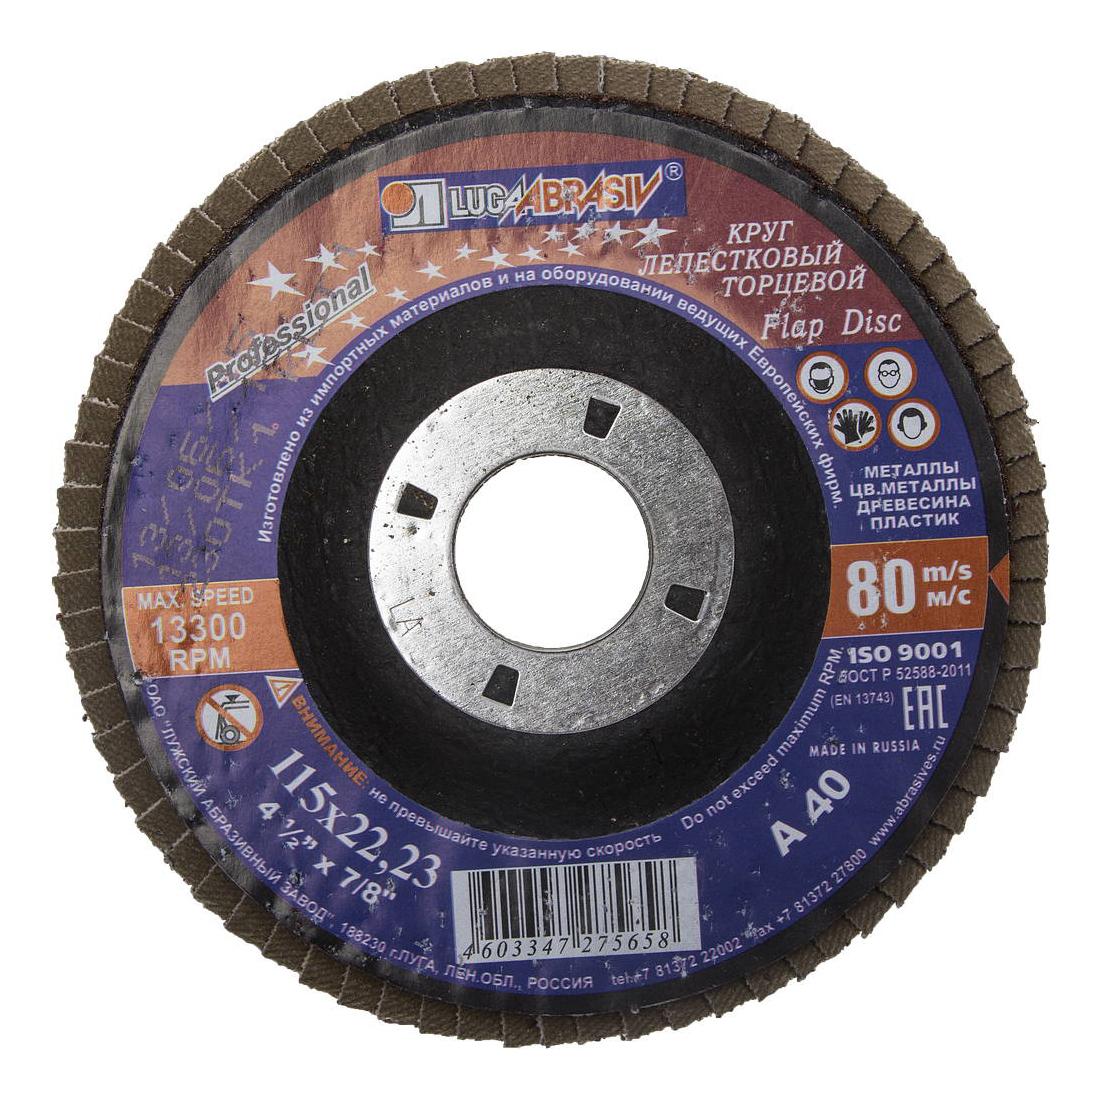 Диск лепестковый для угловых шлифмашин ЛУГА 3656-115-40 фото